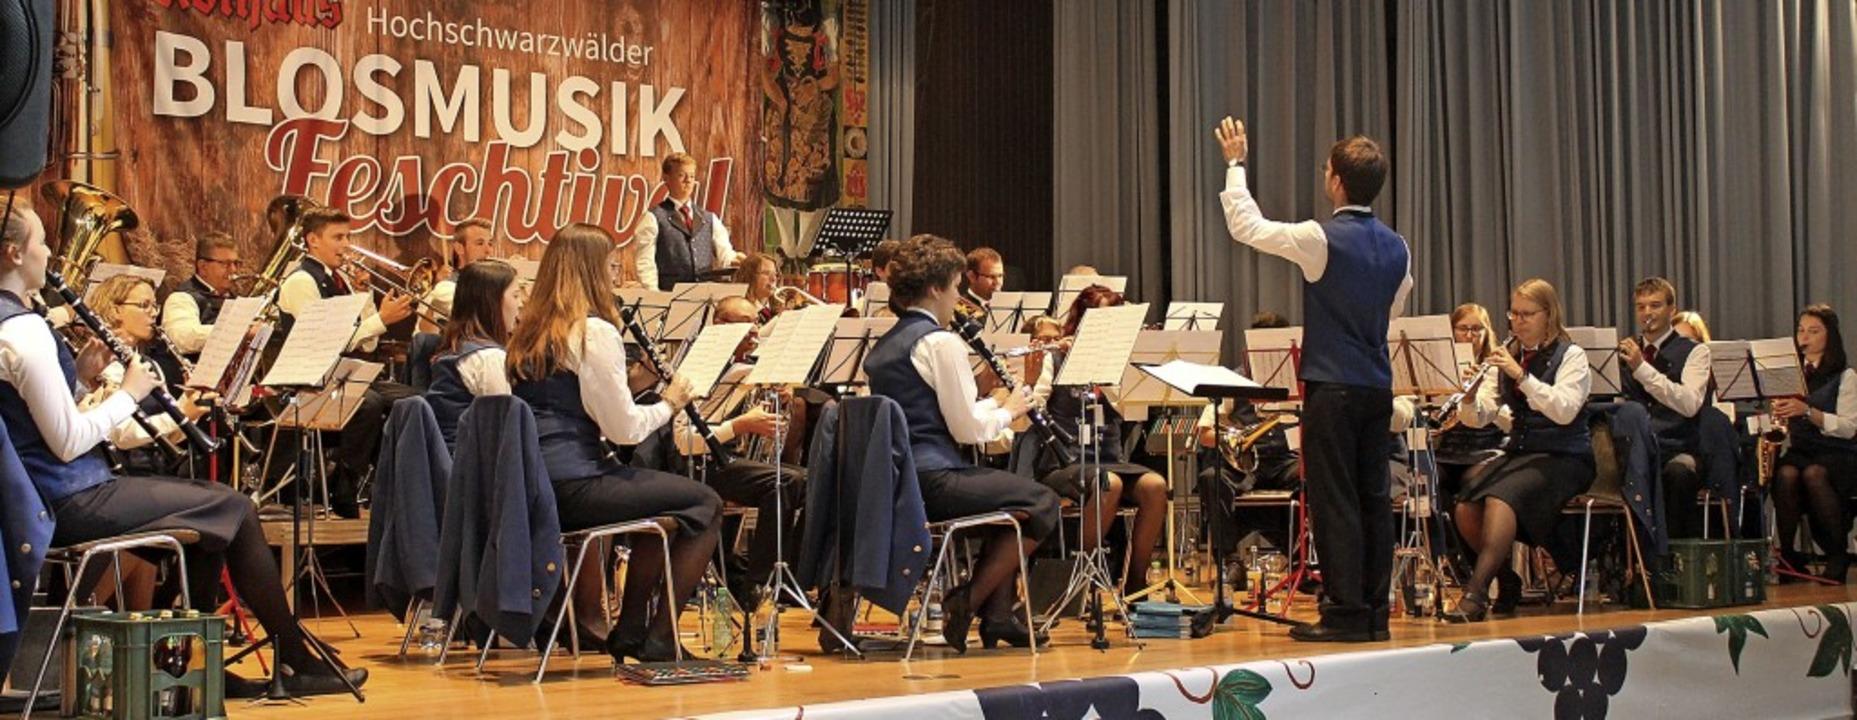 Am Donnerstagvormittag unterhielt der Musikverein Eisenbach die Zuhörer.   | Foto: Cornelia Liebwein